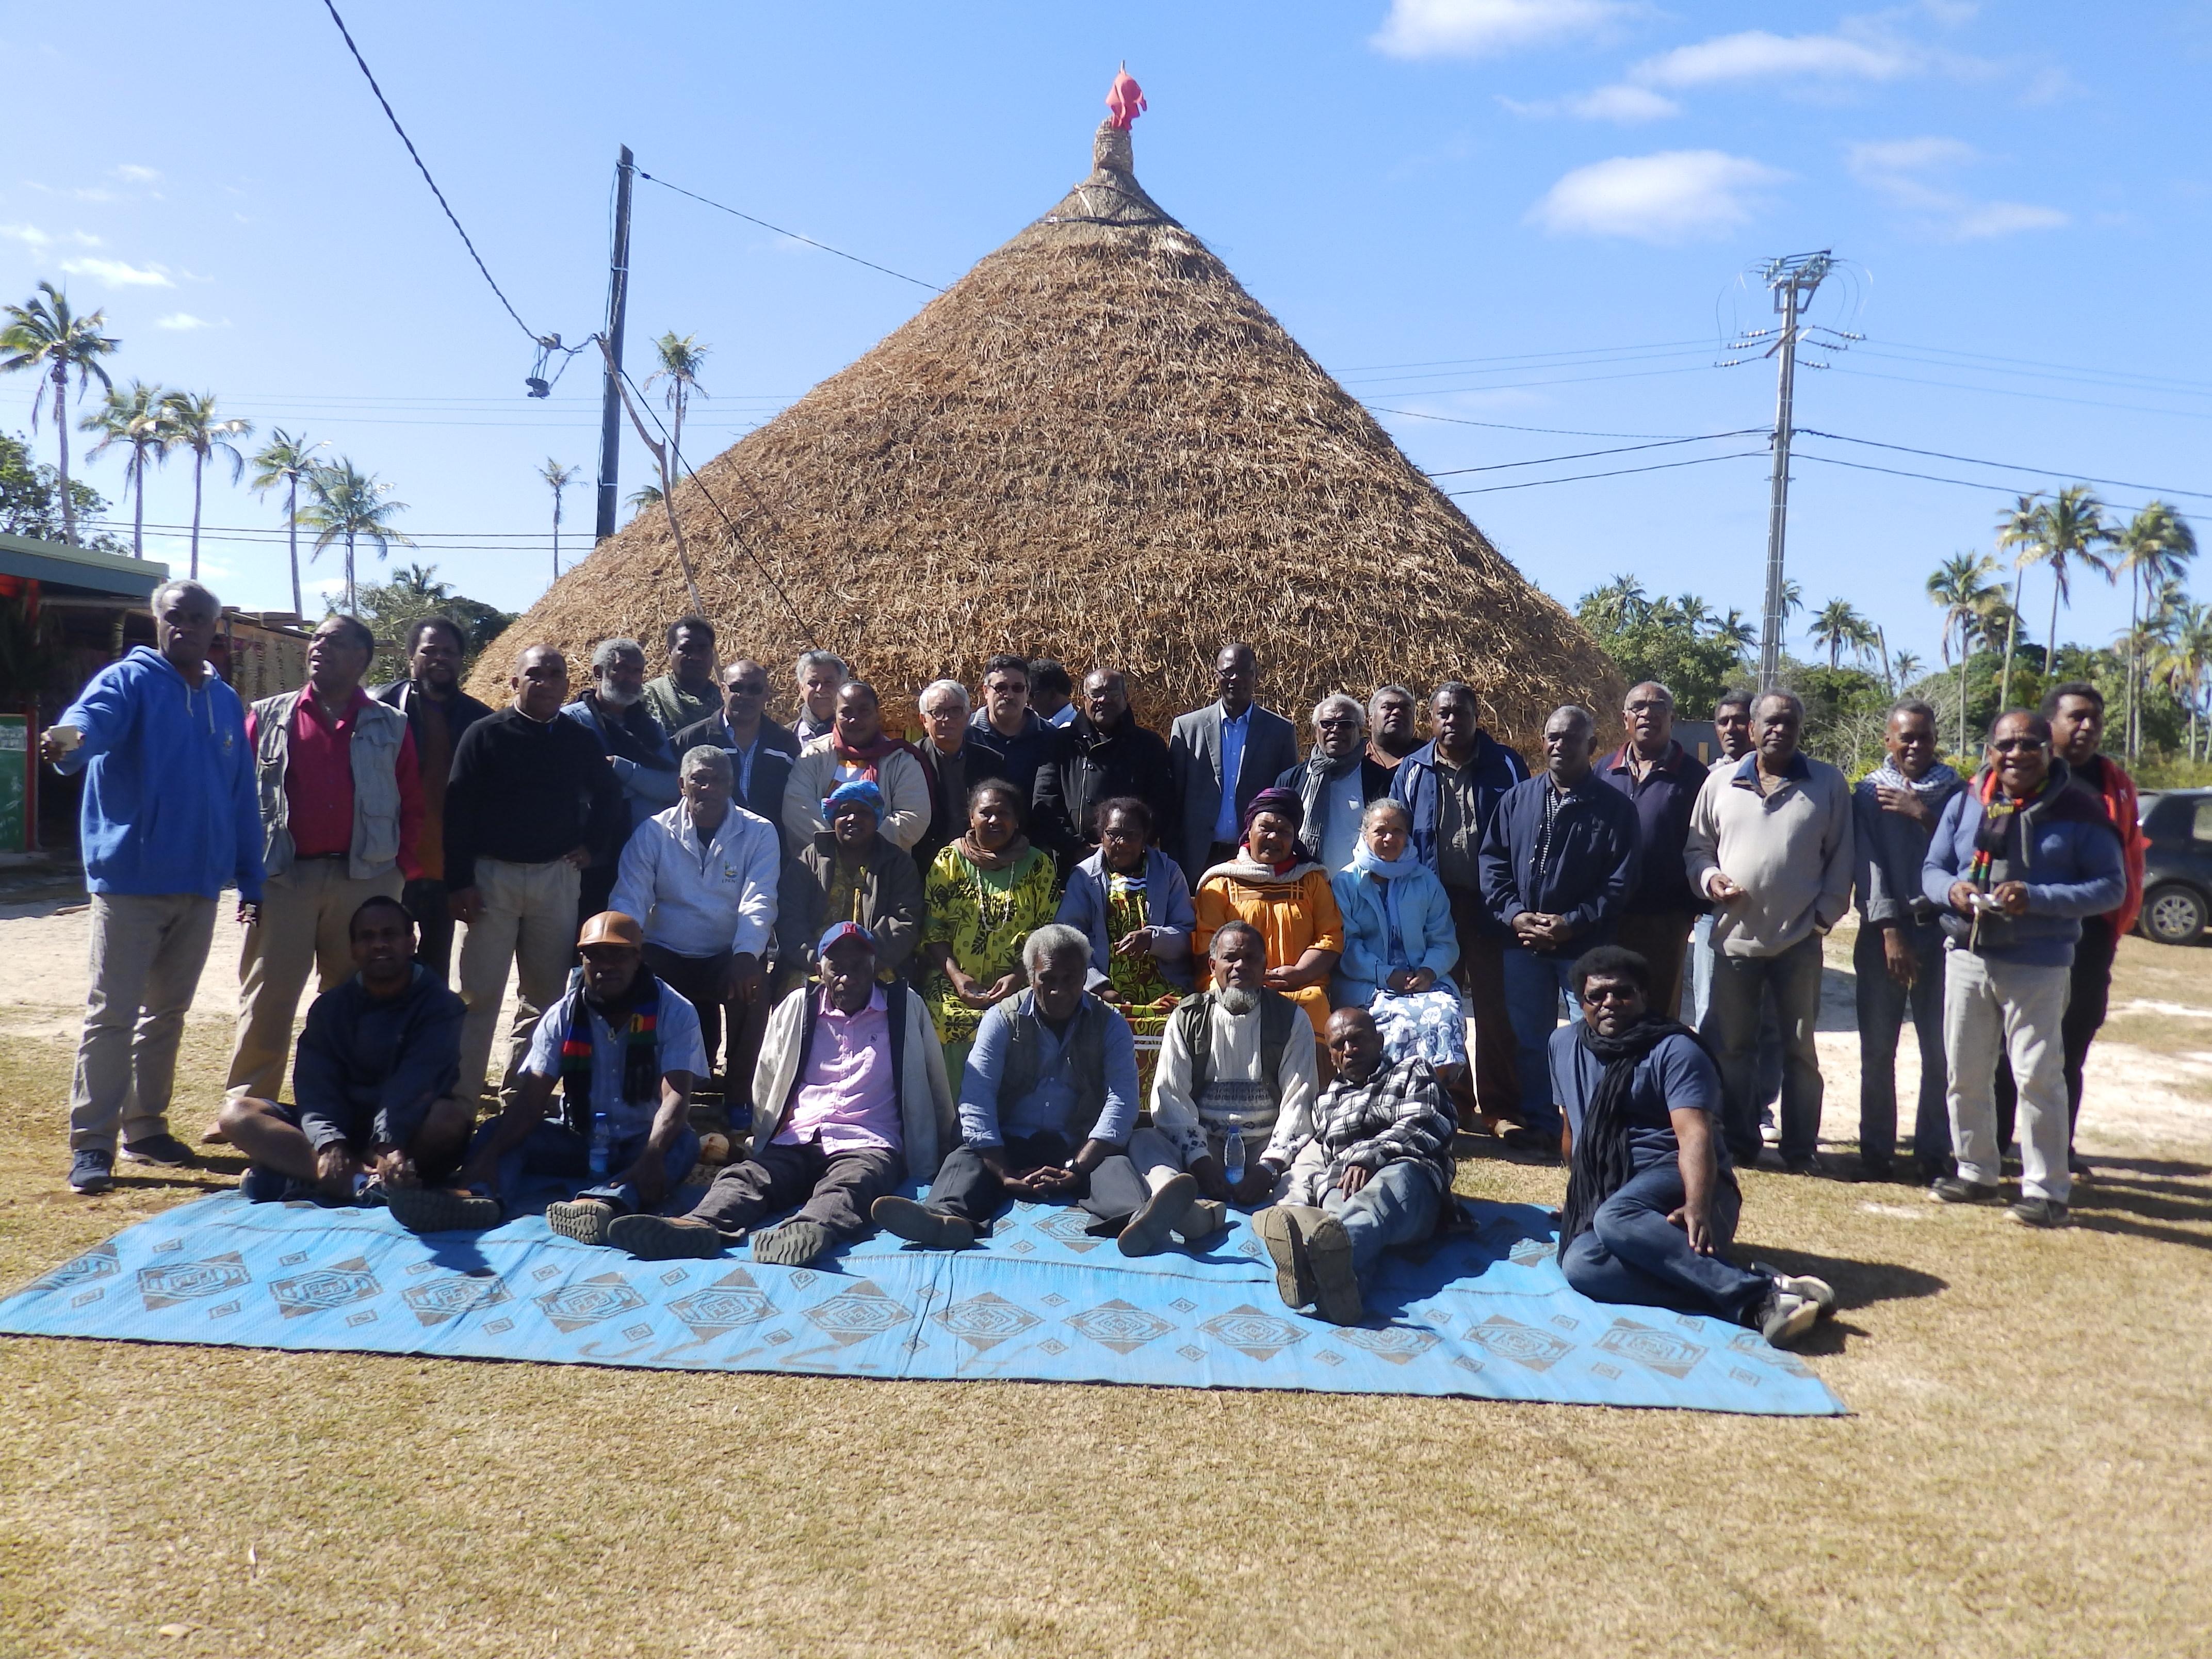 Les délégués du synode devant la case du Eika de Wedrumel